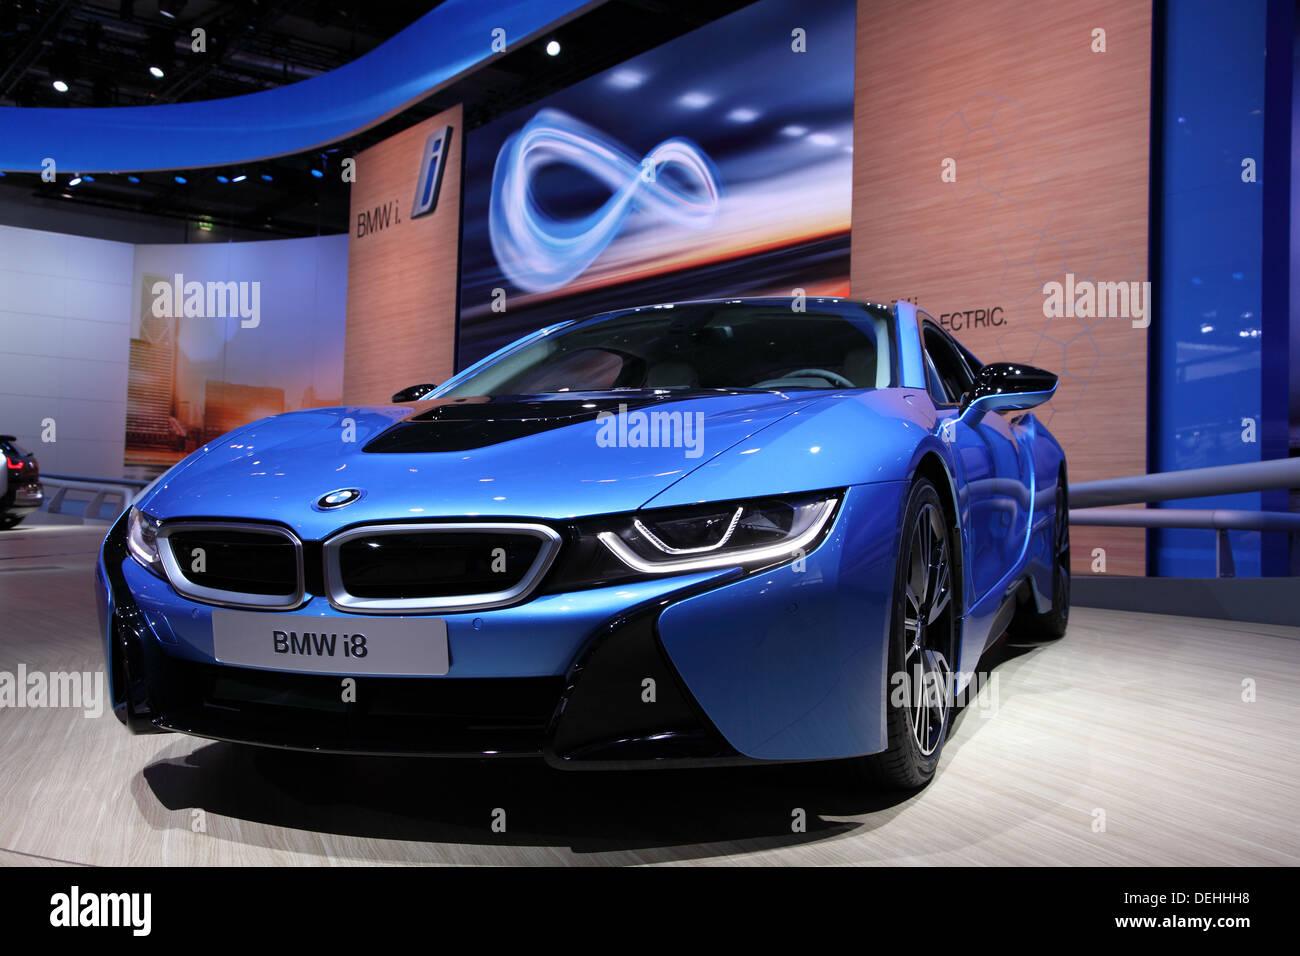 International Motor Show de Francfort, en Allemagne. Nouvelle voiture électrique BMW i8 à la 65ème IAA de Francfort, Allemagne, le 17 septembre, 2 Photo Stock